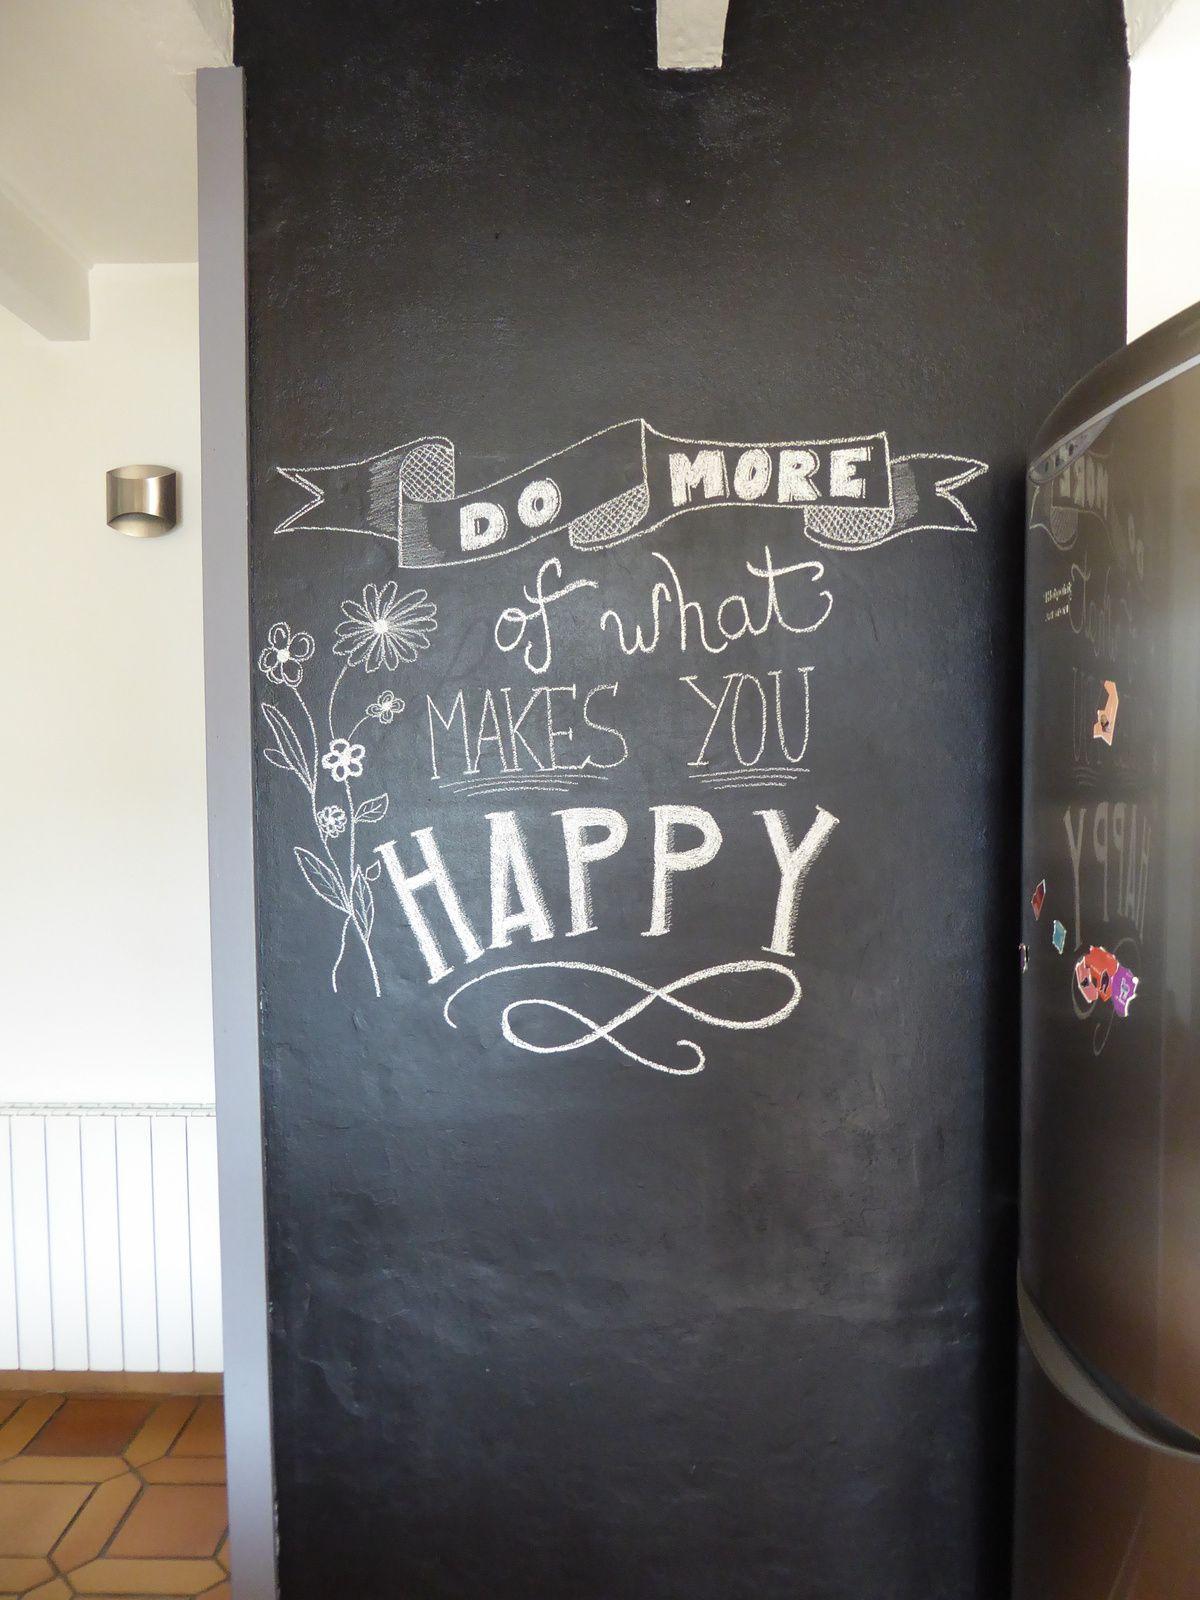 Nouvelle phrase sur le mur ardoise